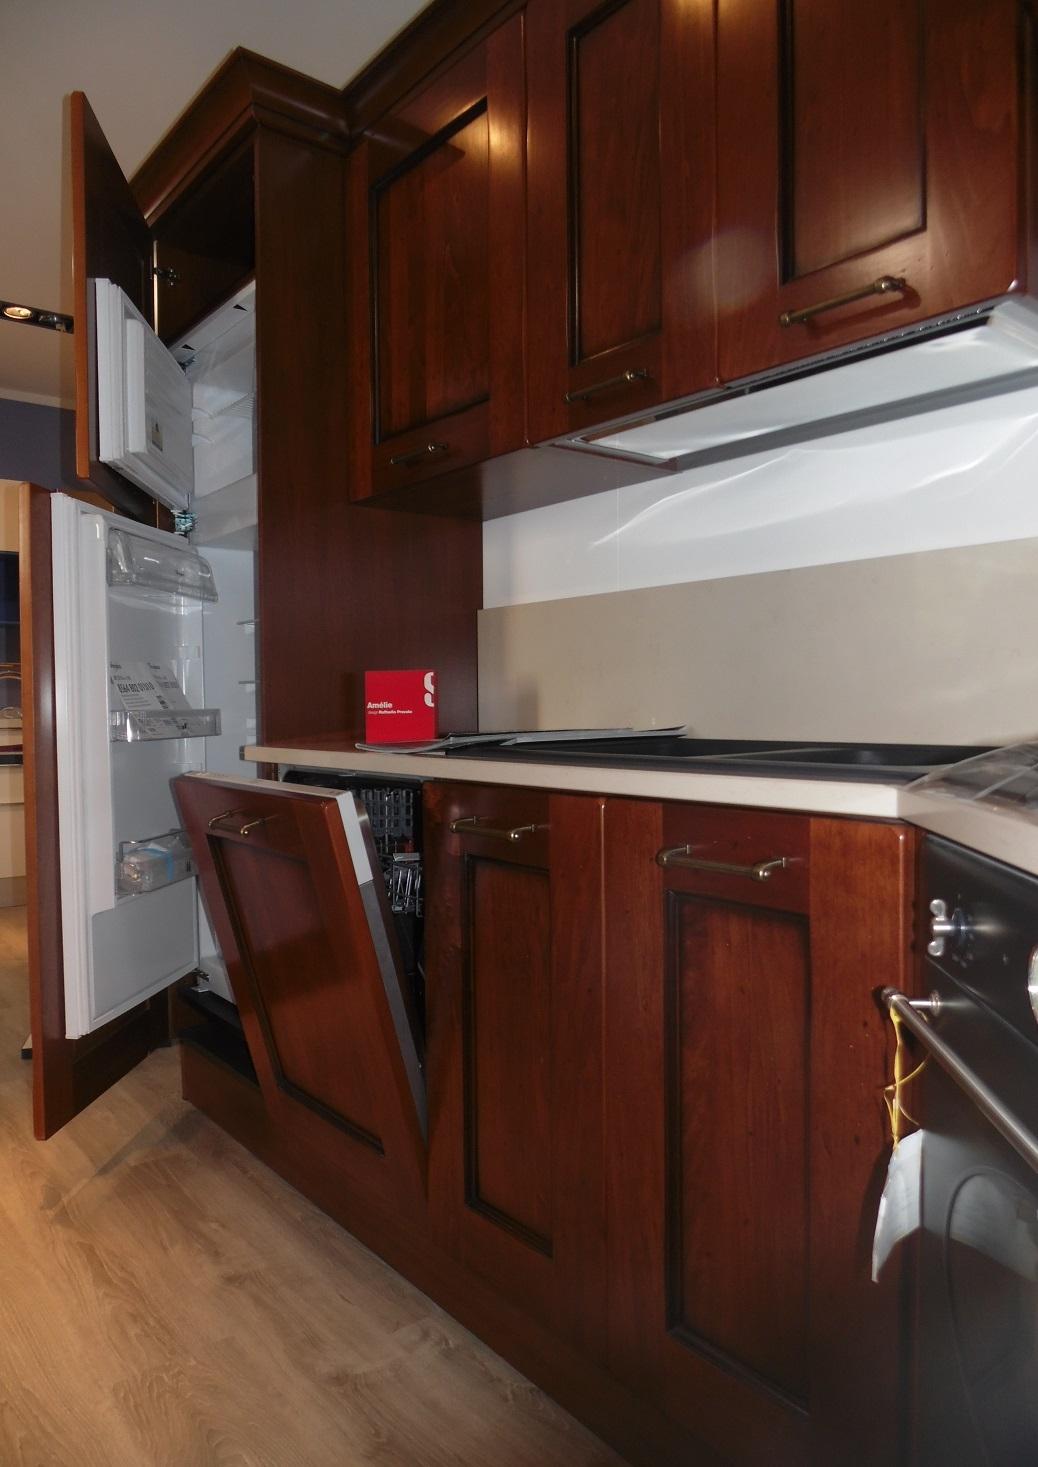 Cucine Scavolini Garanzia : Cucina ad angolo amelie scavolini scontata del